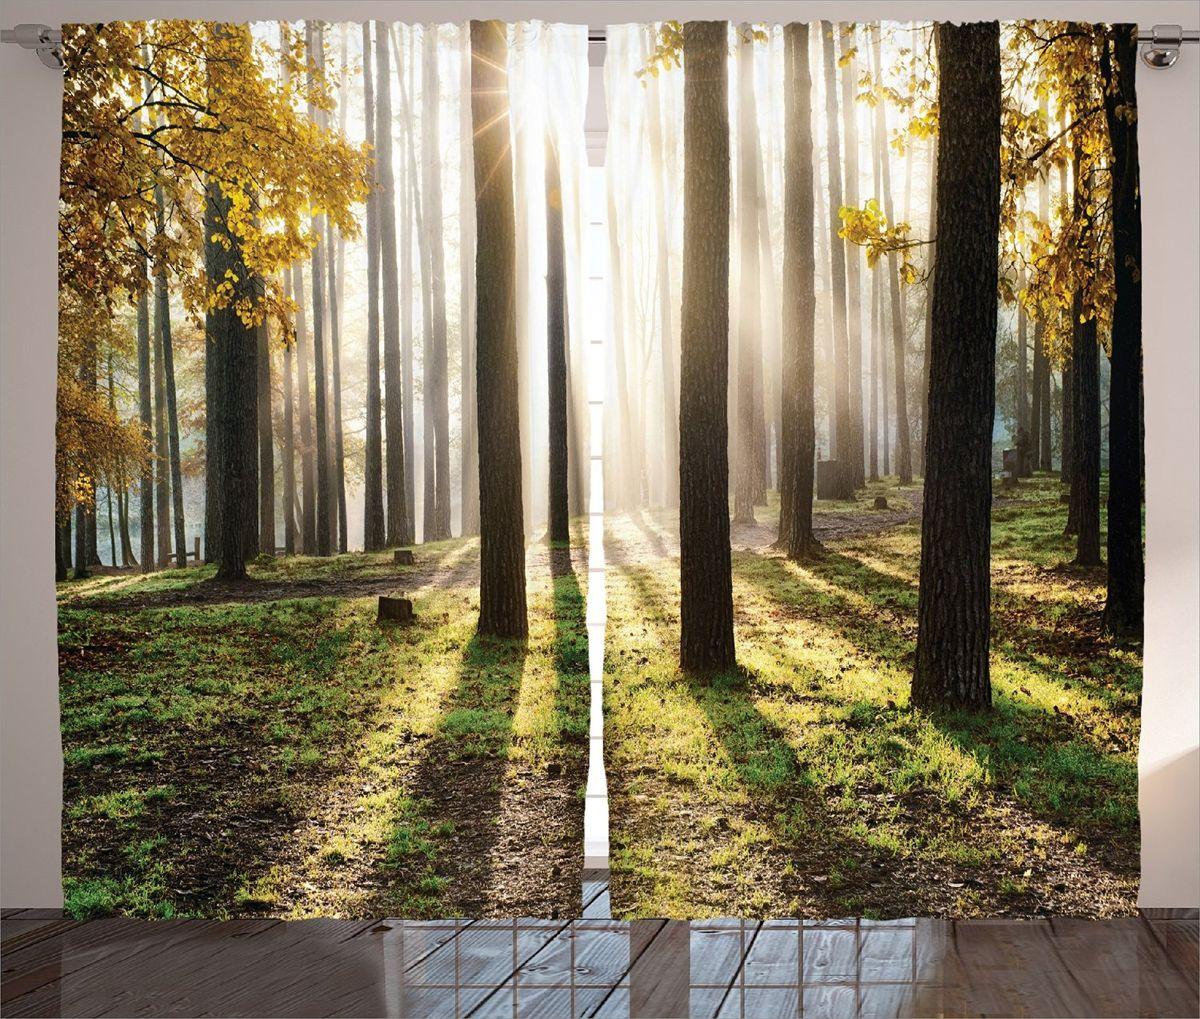 Комплект фотоштор Magic Lady Солнце в осеннем лесу, на ленте, высота 265 см. шсг_15217шсг_15217Компания Сэмболь изготавливает шторы из высококачественного сатена (полиэстер 100%). При изготовлении используются специальные гипоаллергенные чернила для прямой печати по ткани, безопасные для человека и животных. Экологичность продукции Magic lady и безопасность для окружающей среды подтверждены сертификатом Oeko-Tex Standard 100. Крепление: крючки для крепления на шторной ленте (50 шт). Возможно крепление на трубу. Внимание! При нанесении сублимационной печати на ткань технологическим методом при температуре 240°С, возможно отклонение полученных размеров (указанных на этикетке и сайте) от стандартных на + - 3-5 см. Производитель старается максимально точно передать цвета изделия на фотографиях, однако искажения неизбежны и фактический цвет изделия может отличаться от воспринимаемого по фото. Обратите внимание! Шторы изготовлены из полиэстра сатенового переплетения, а не из сатина (хлопок). Размер одного полотна шторы: 145х265 см. В комплекте 2...